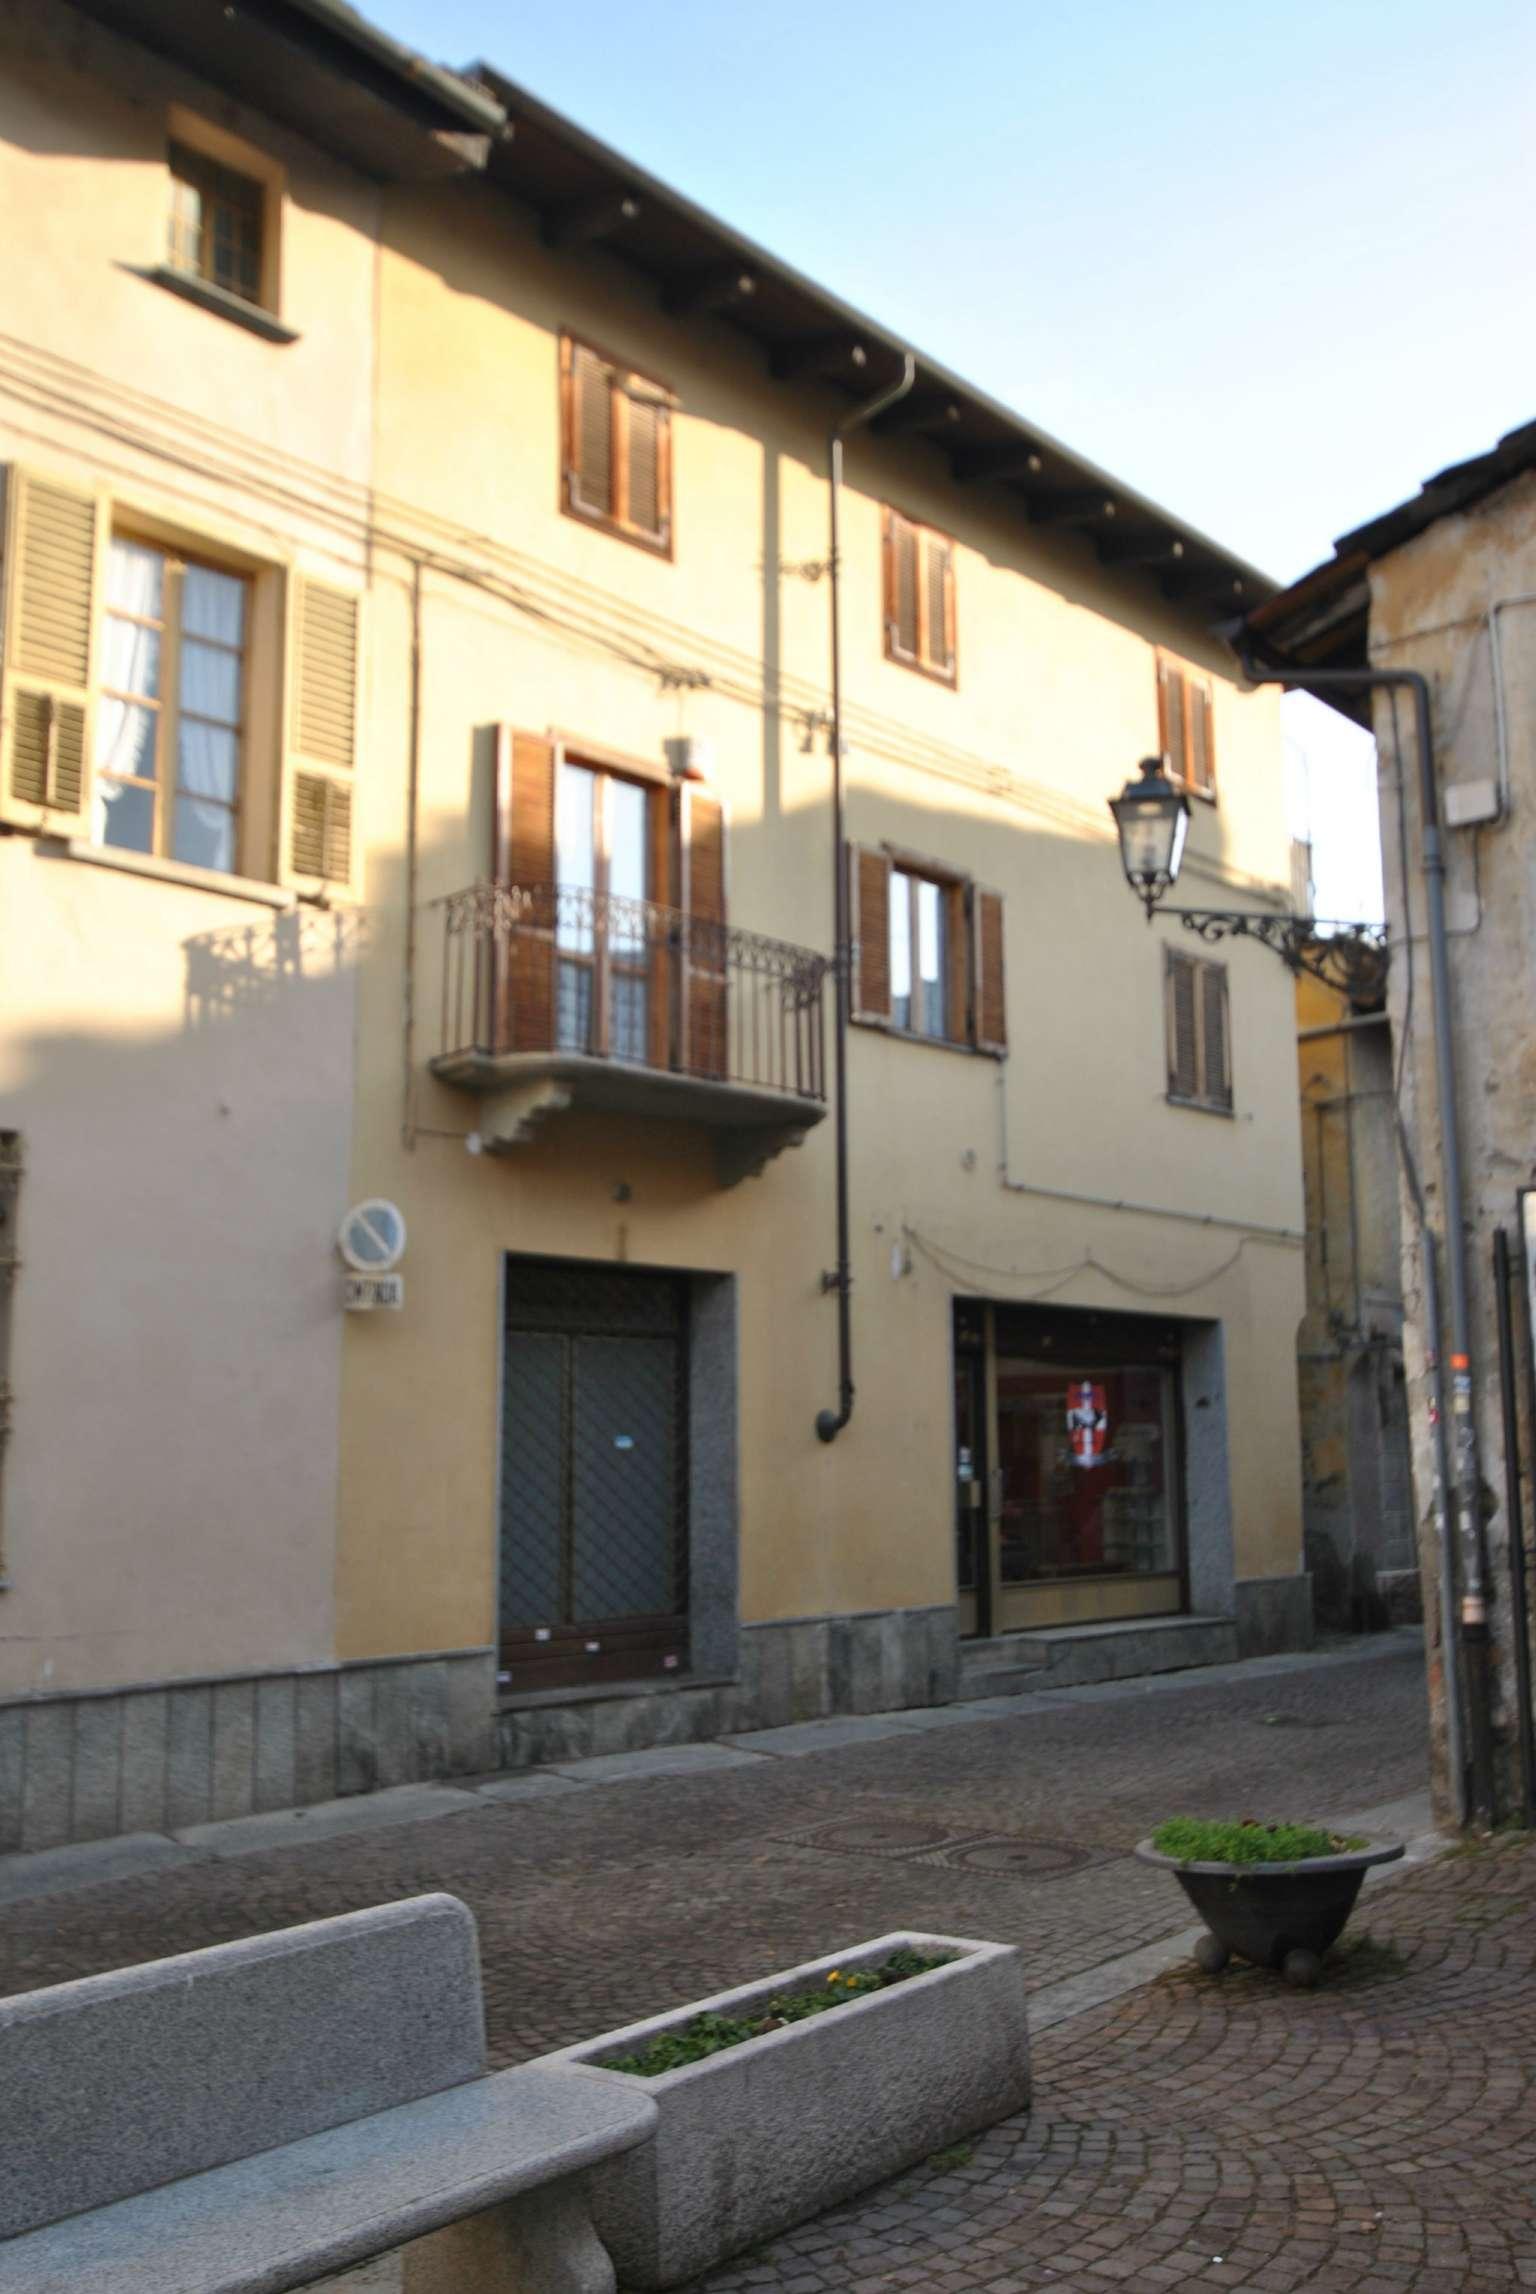 Appartamento in vendita a Bussoleno, 3 locali, prezzo € 49.500 | PortaleAgenzieImmobiliari.it